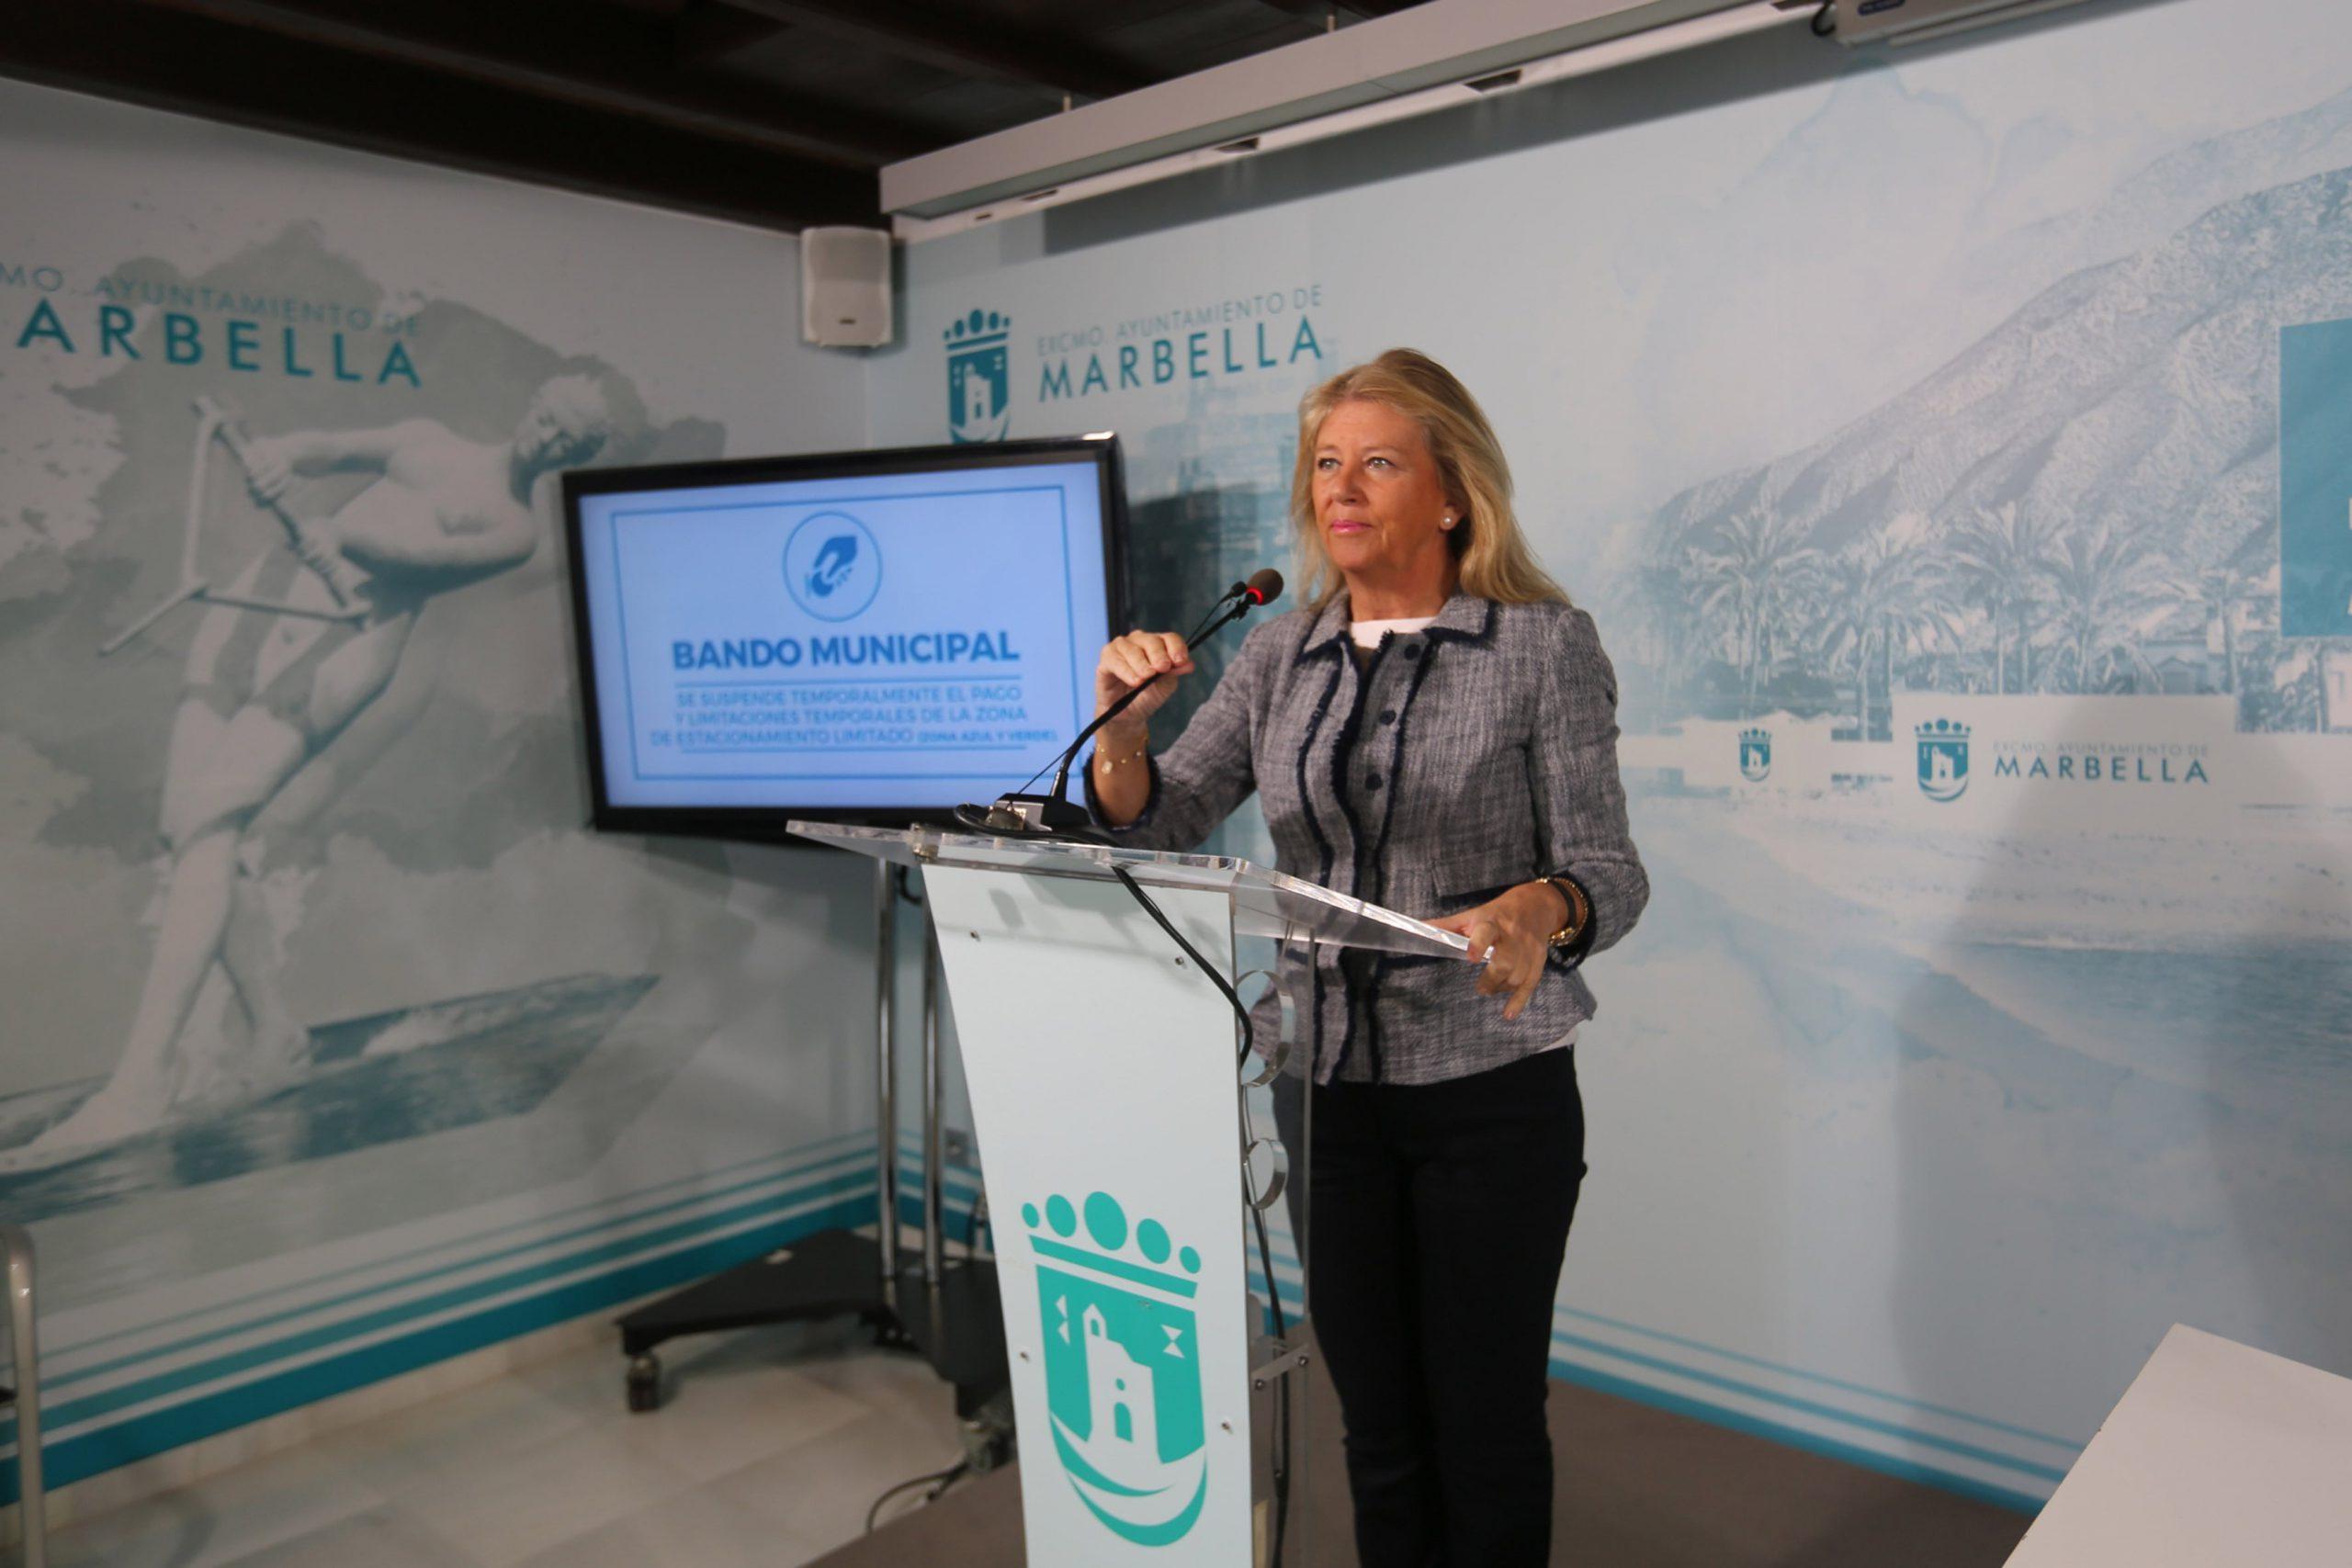 El Ayuntamiento realizará test rápidos del Covid-19 a los trabajadores municipales que prestan servicios esenciales